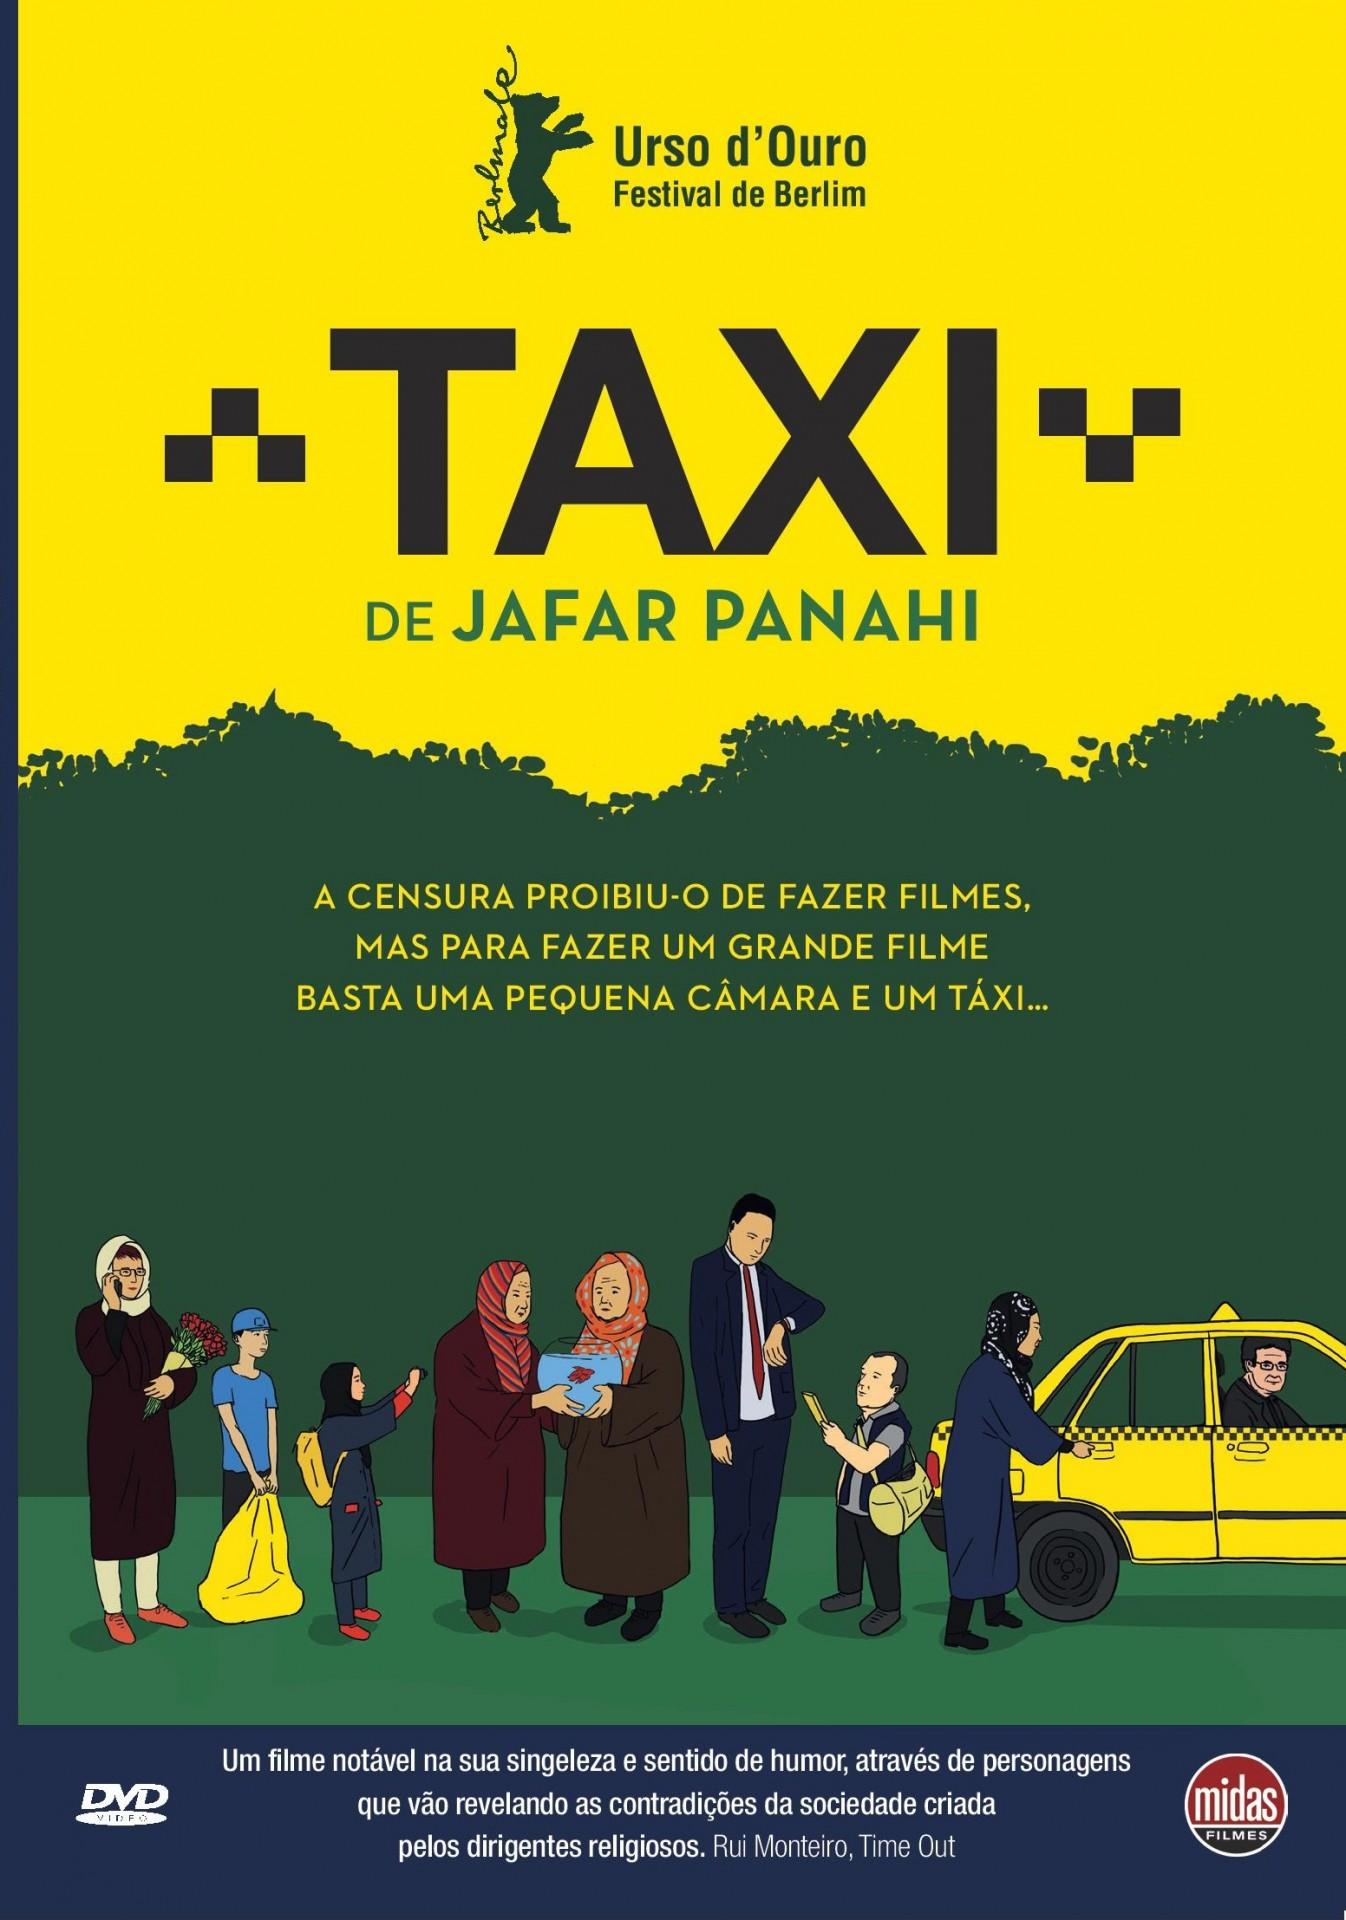 Taxi de Jafar Panahi